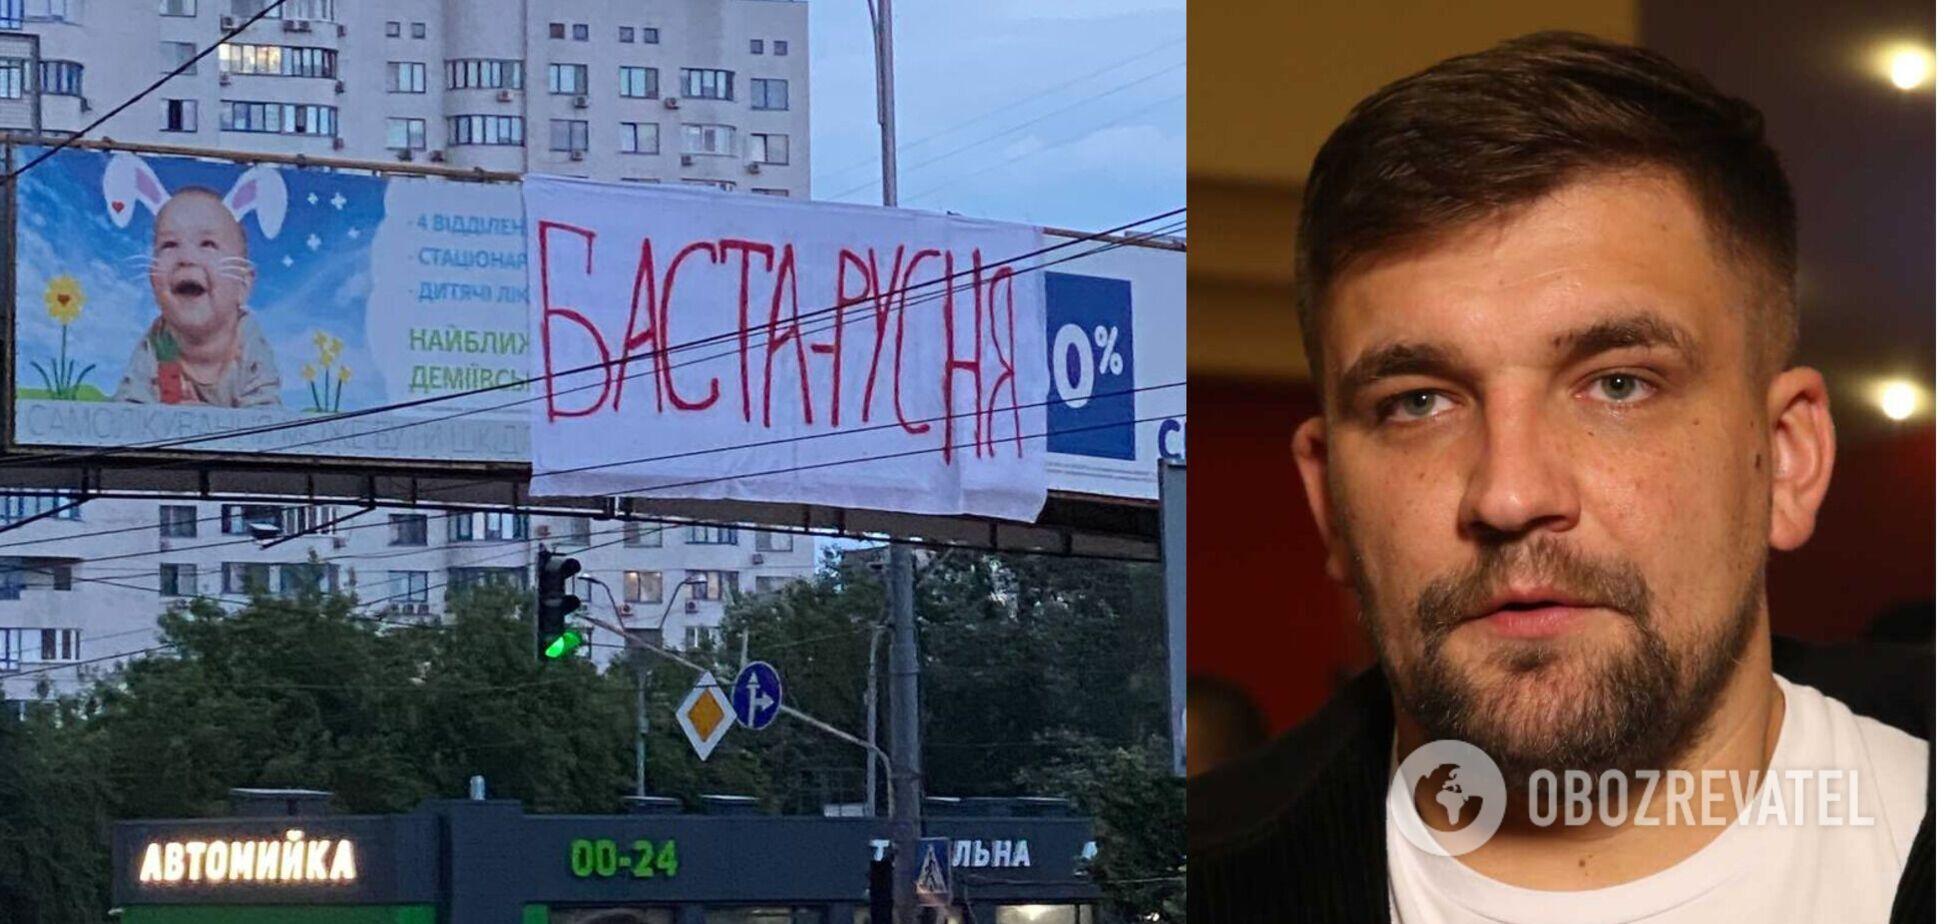 Концерт Басти в Києві відбувся незважаючи на протести